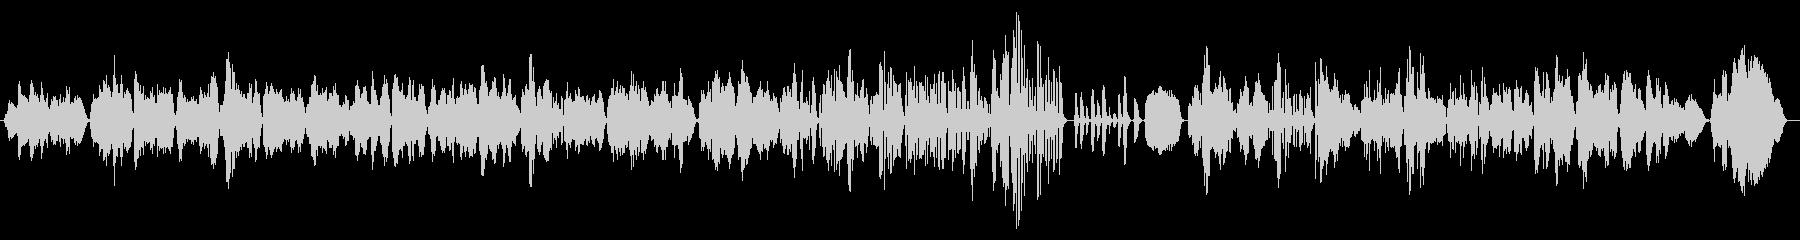 のんびり和やかクラシック風フルート3重奏の未再生の波形